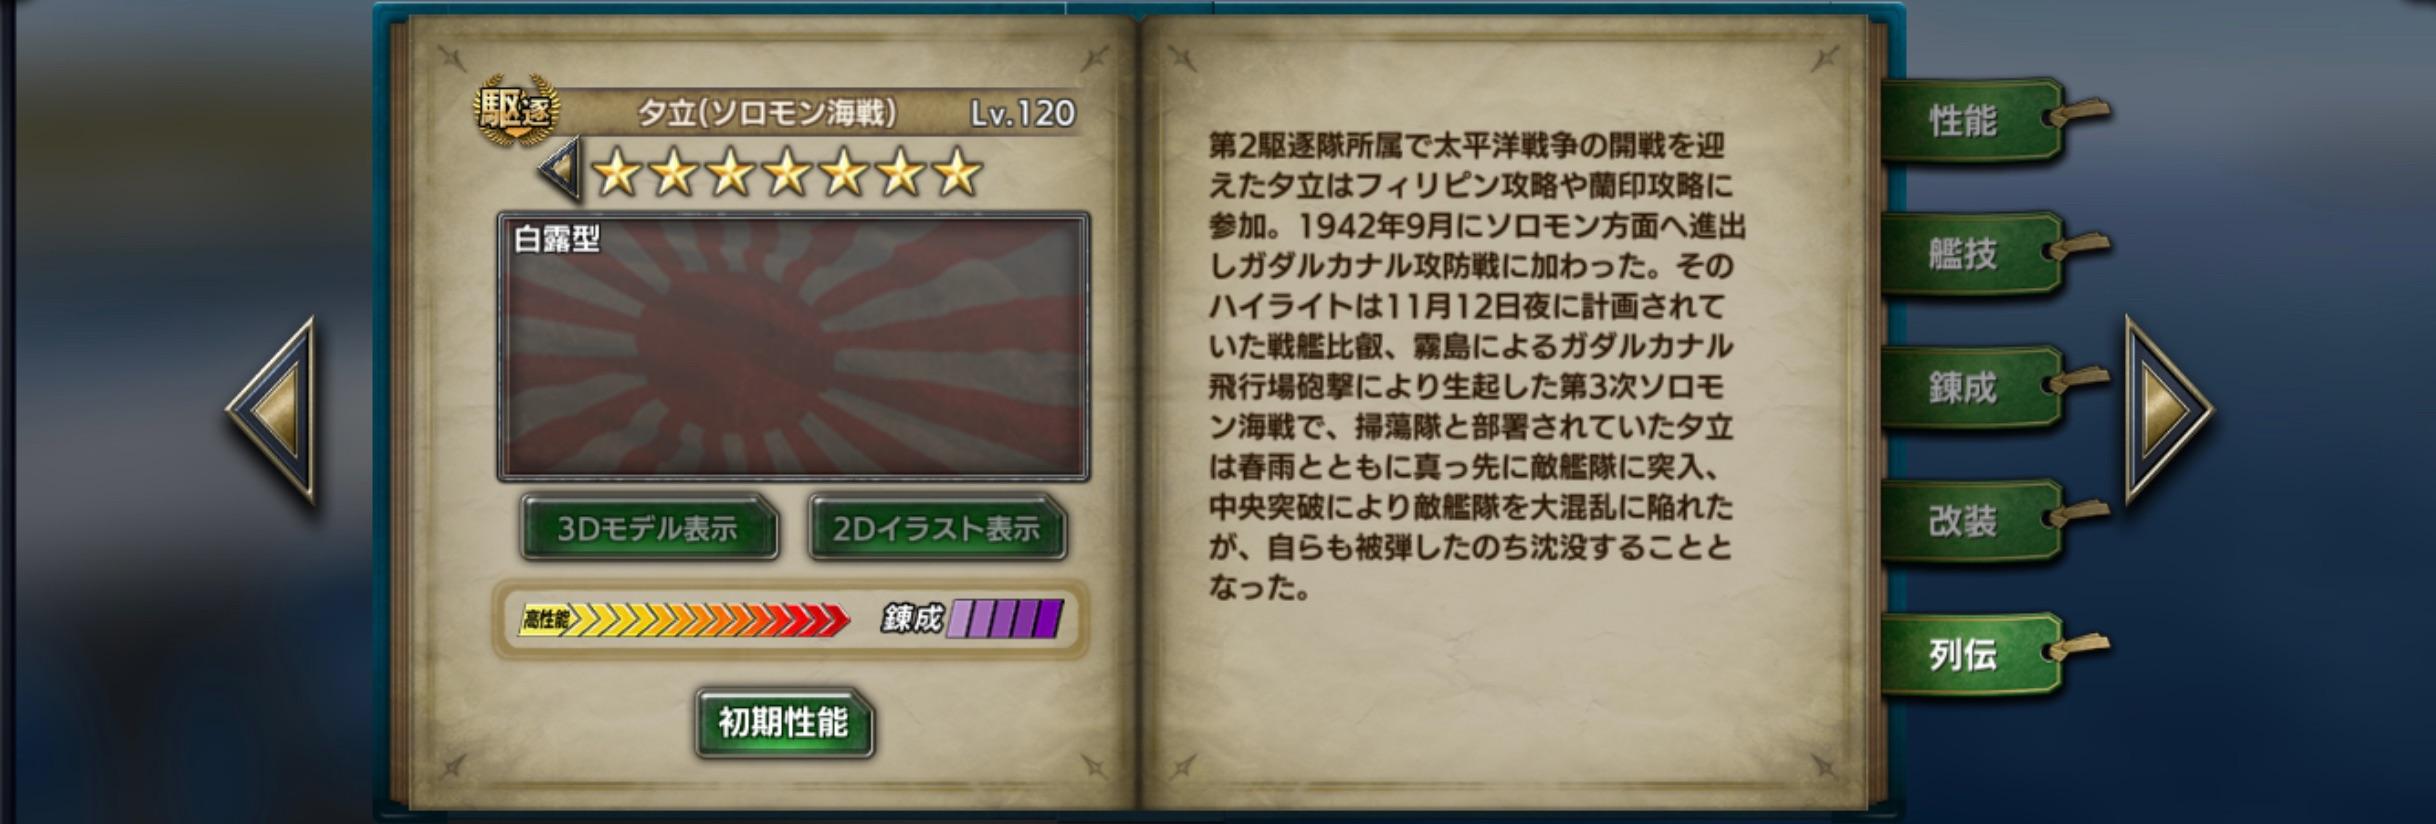 YudachiS-history